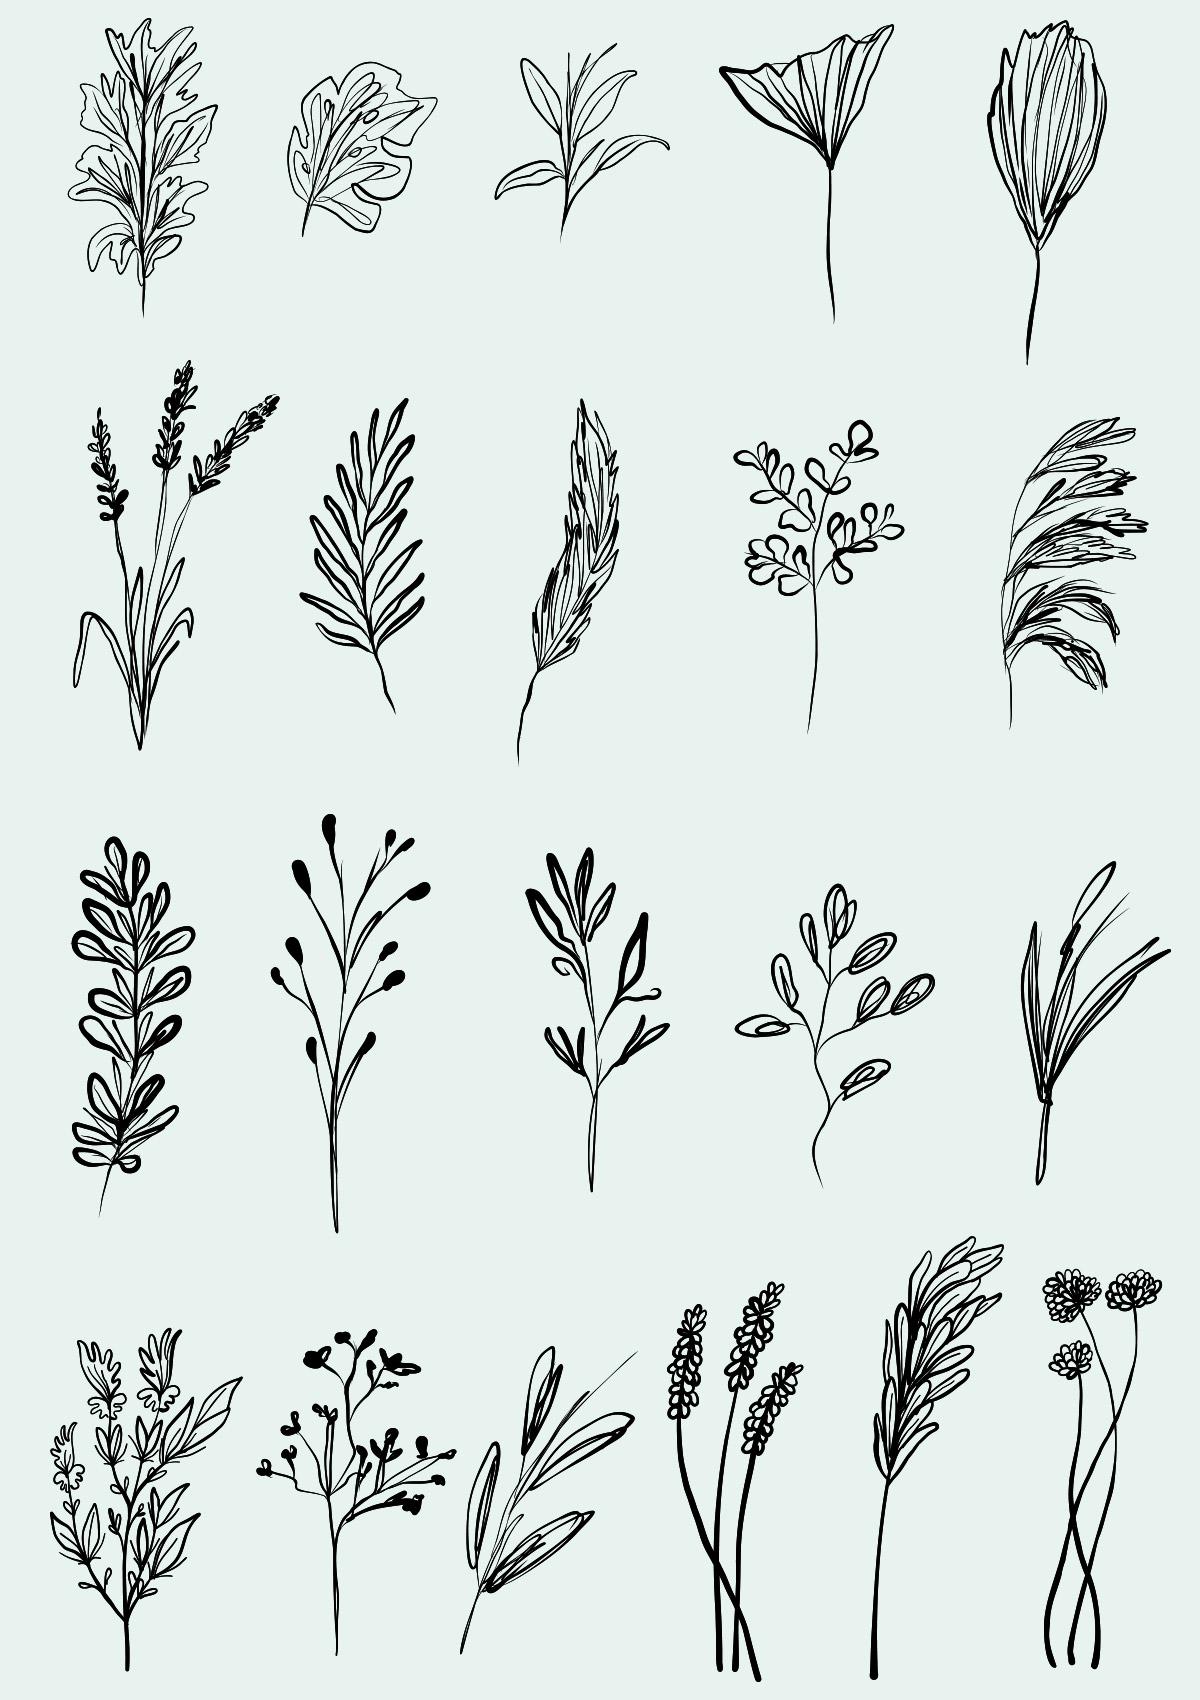 Hand Drawn Foliage Elements